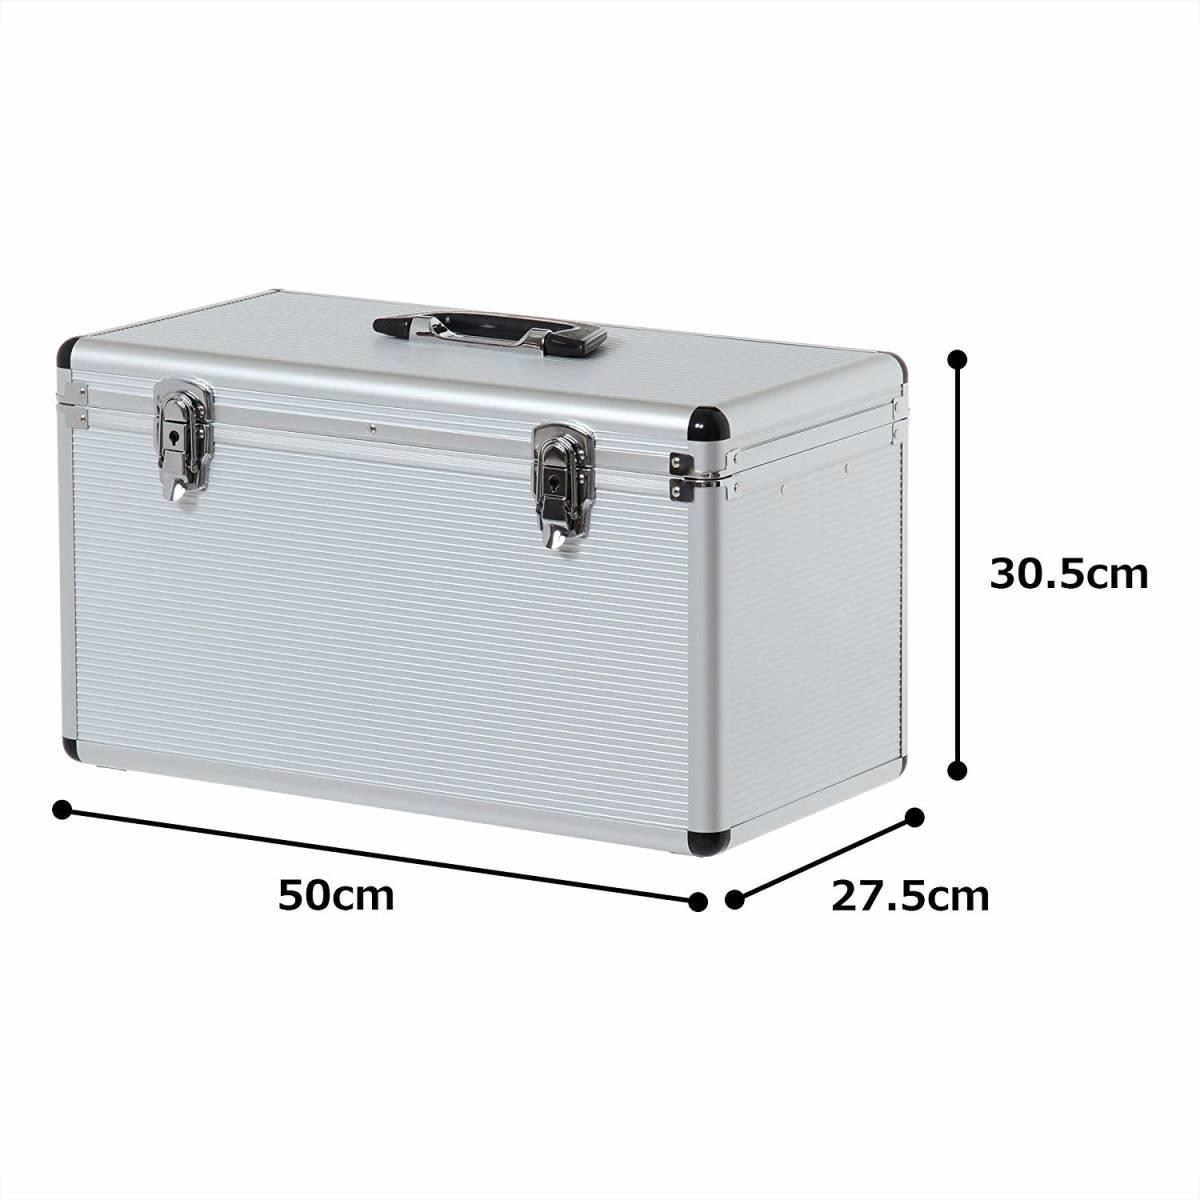 【未使用】 アイリスオーヤマ アルミケース ソリッドケース 工具収納ケース 工具箱 W約50×D約27.5×H約30.5cm SLC-50T C-179_画像4